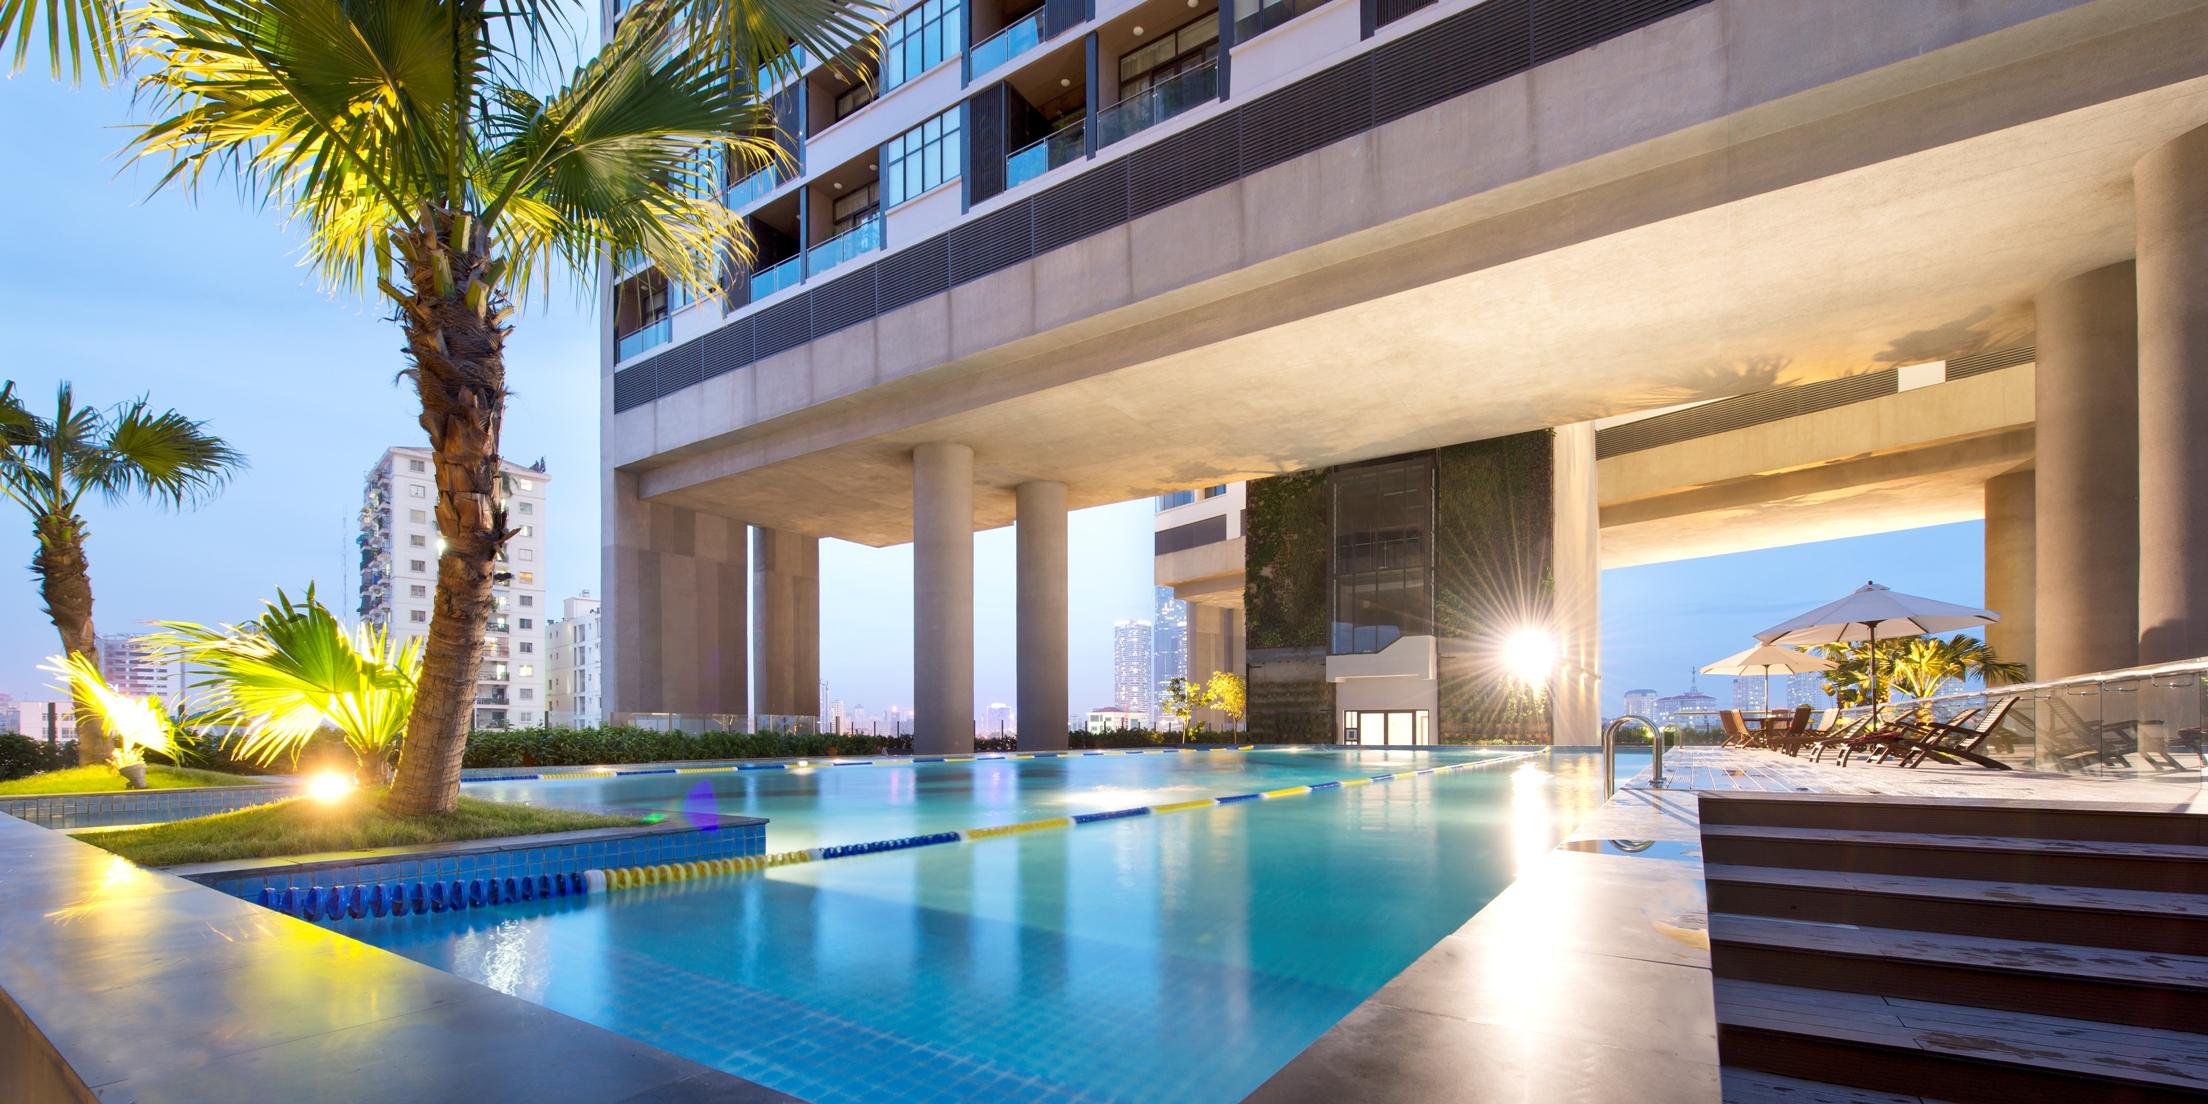 dolphin plaza tiện ích bể bơi